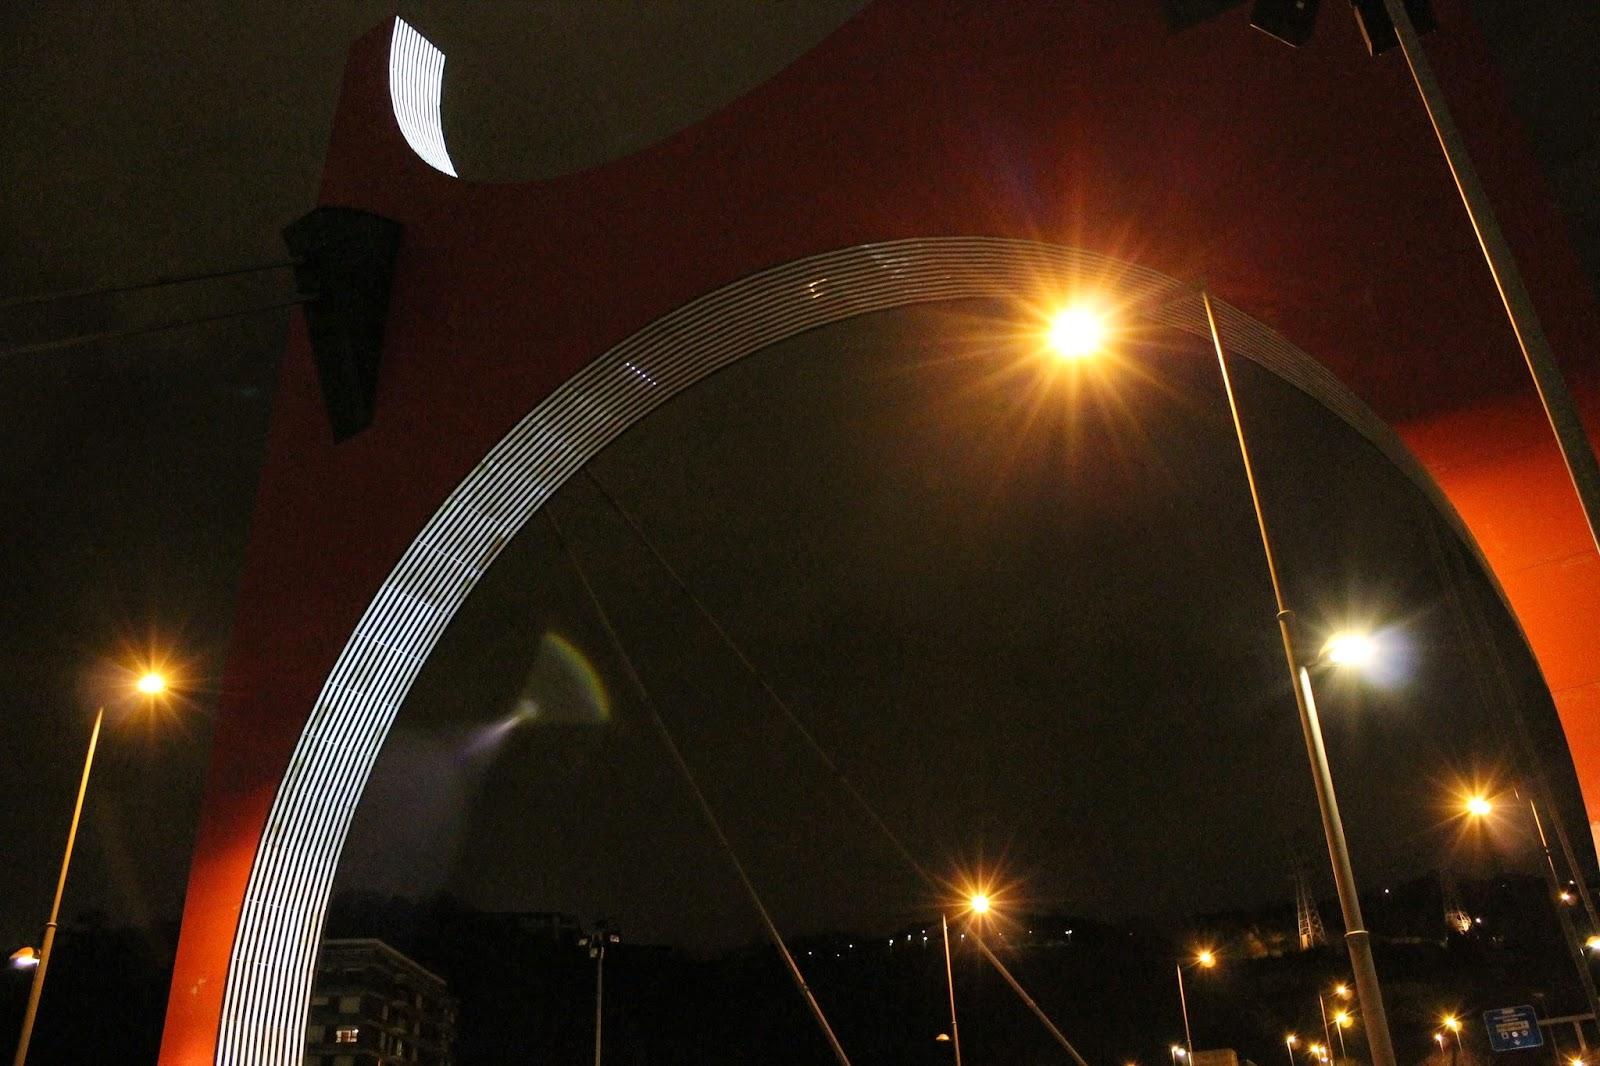 Obra: Arcos rojos/Arku gorriak - Daniel Buren